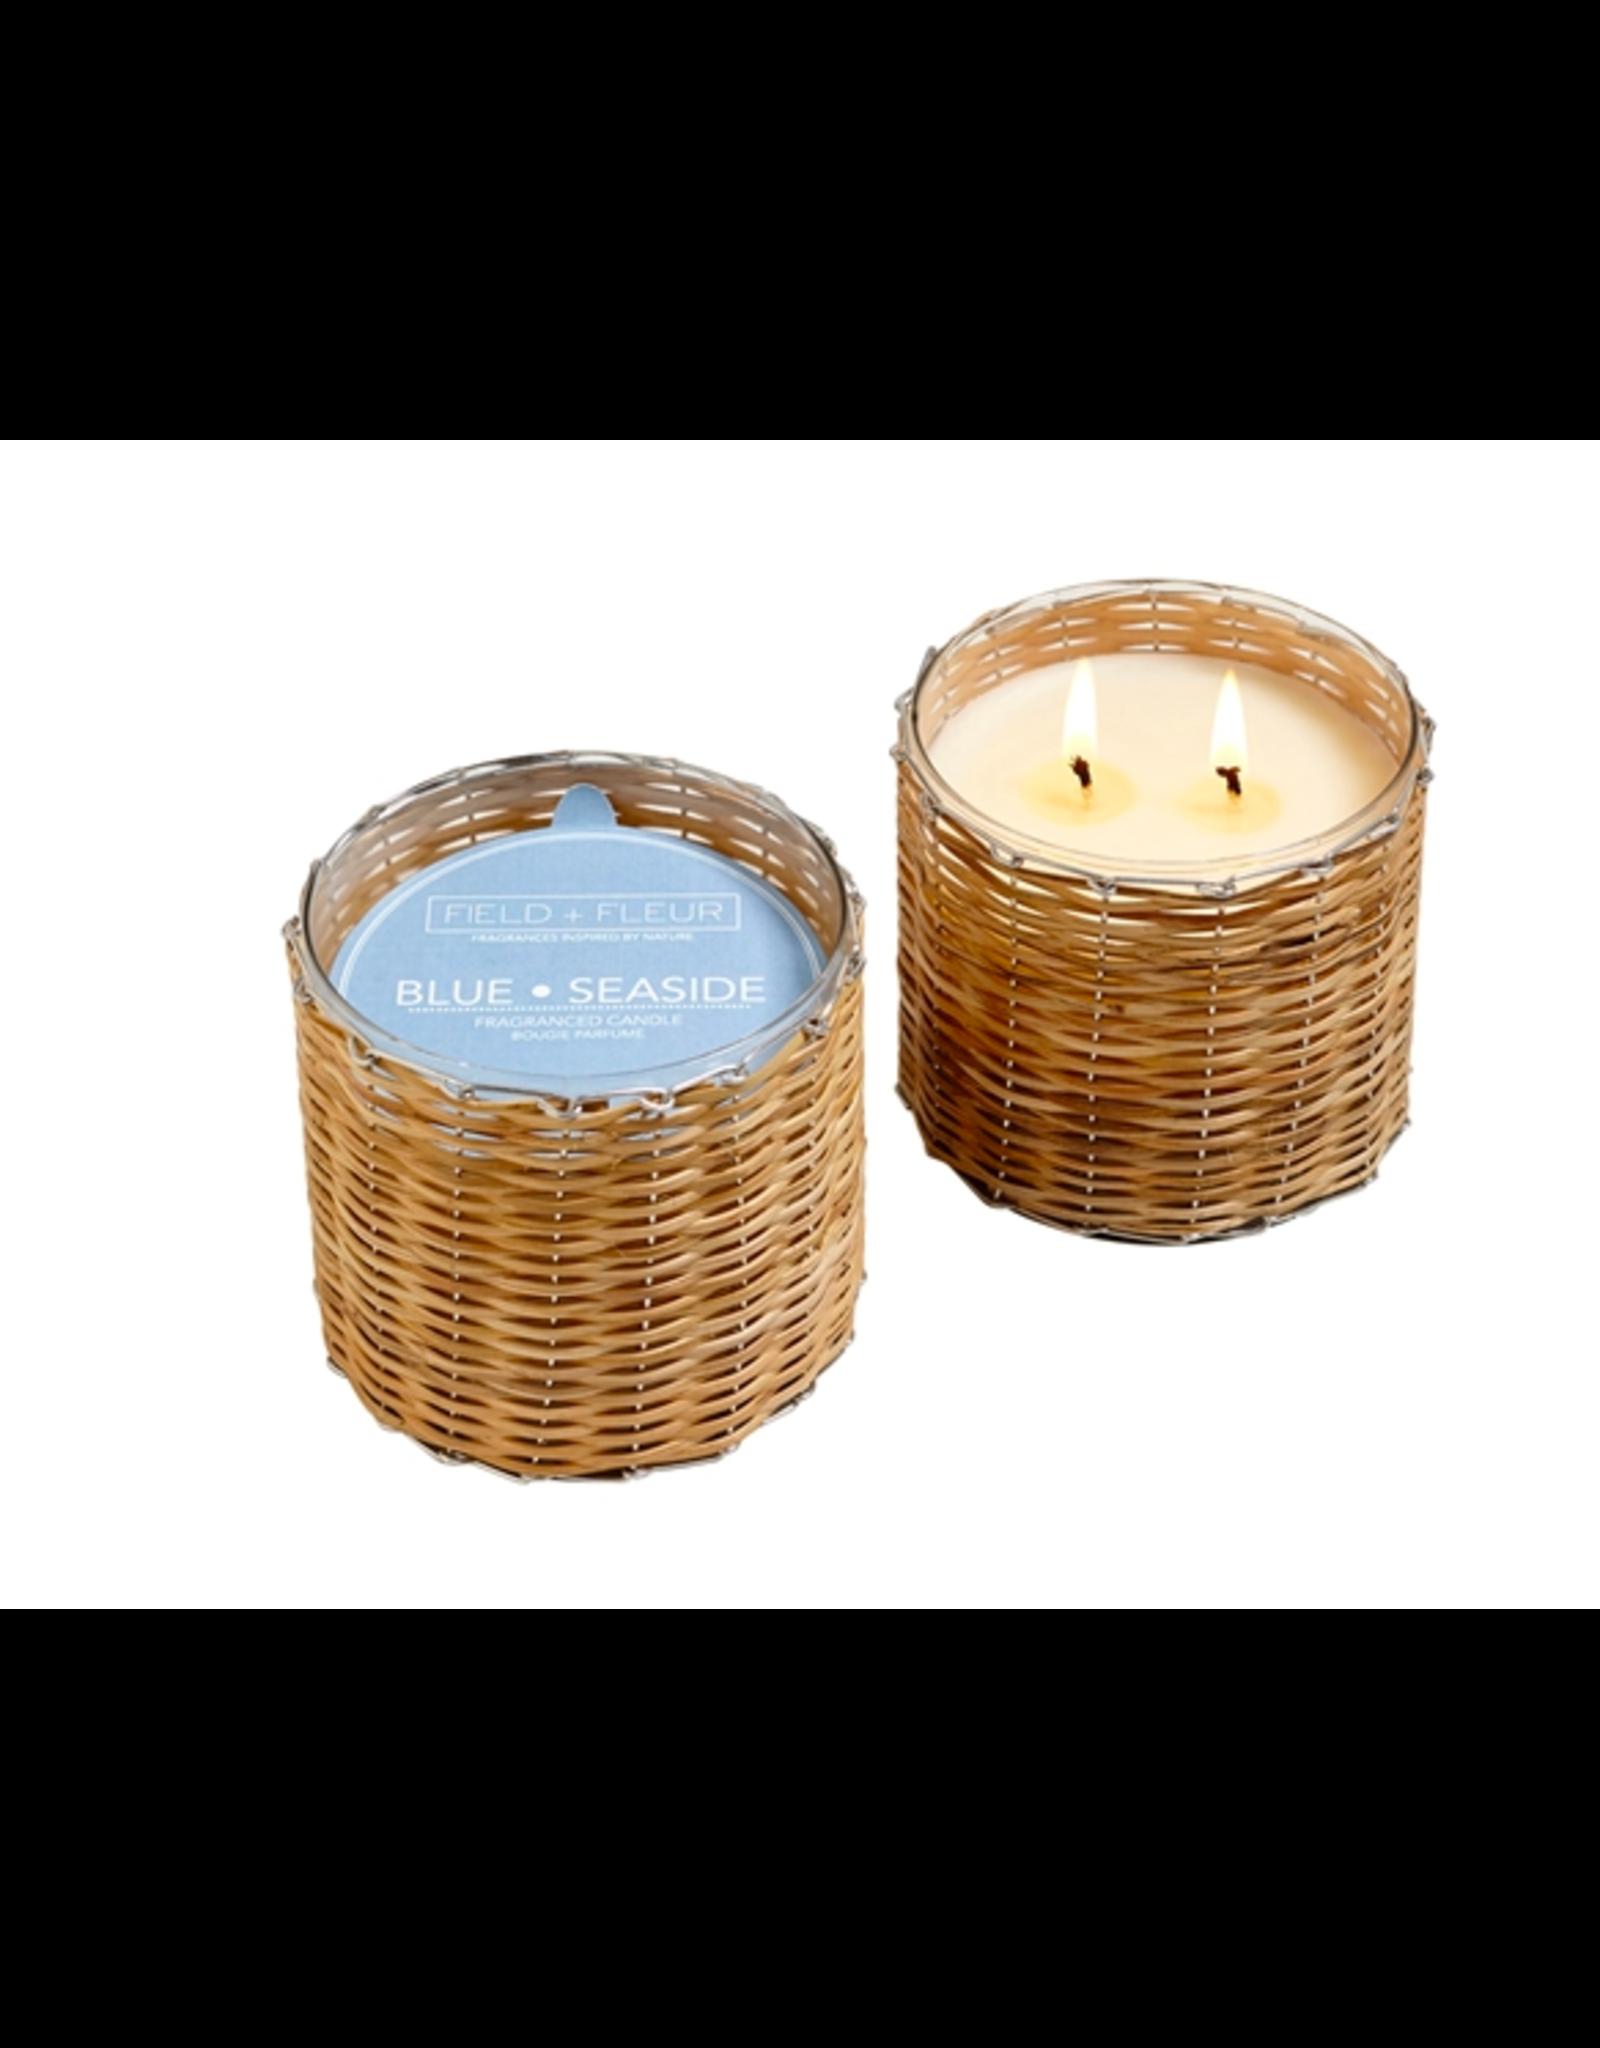 Field + Fleur Blue Seaside 2-Wick Candle